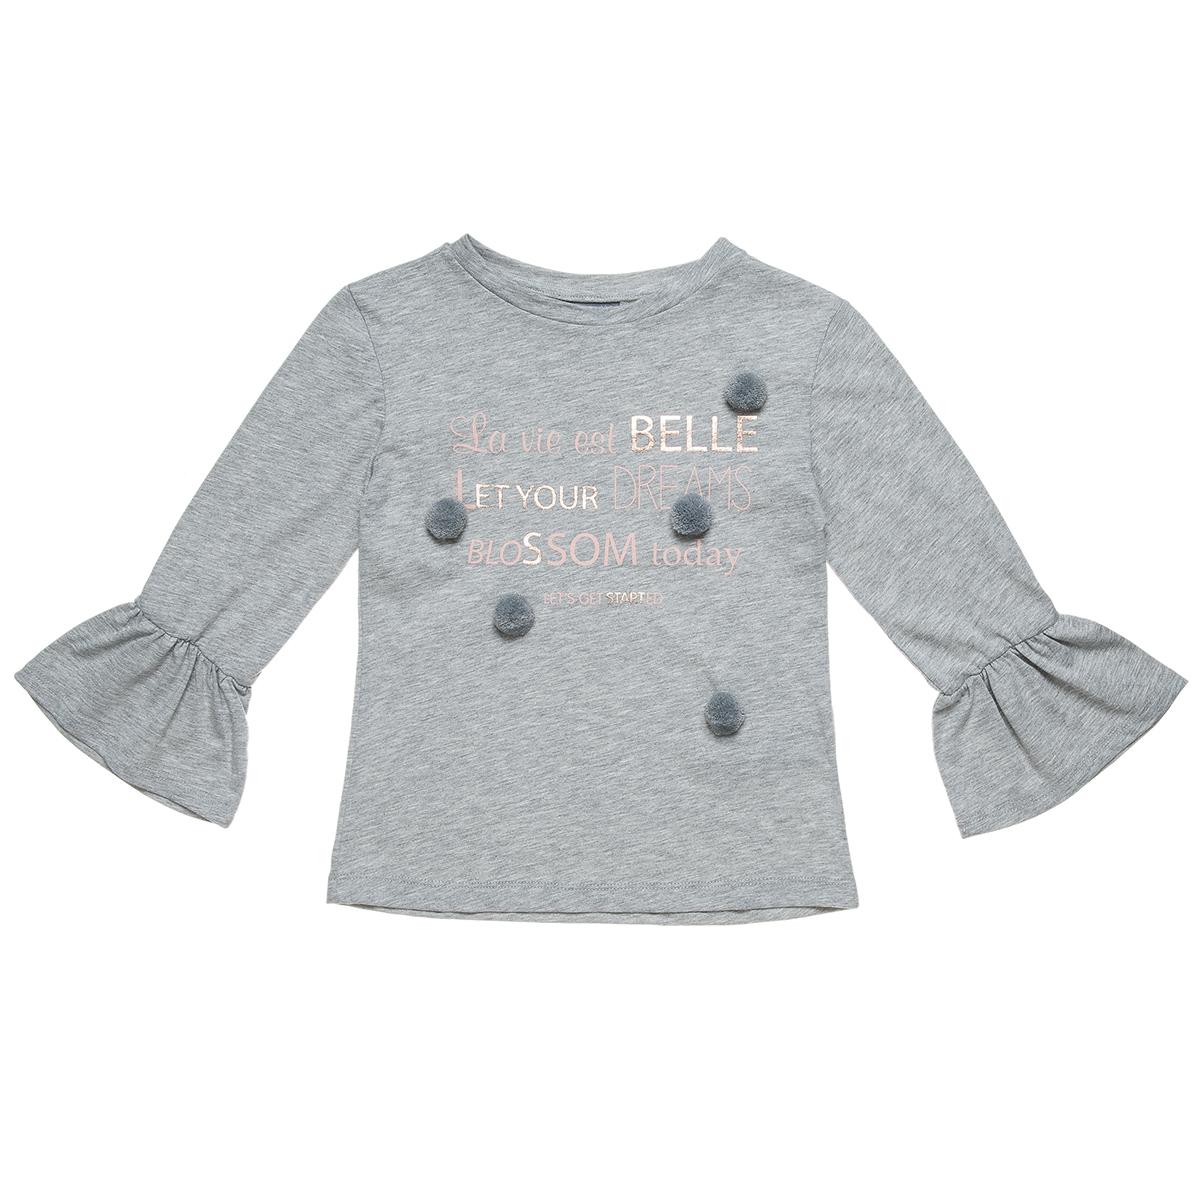 Μπλούζα με lettering τύπωμα και πομ πομ (Κορίτσι 6-14 ετών) 00922407 - ΓΚΡΙ ΜΕΛΑΝΖΕ - 5581-0208/3/234/115